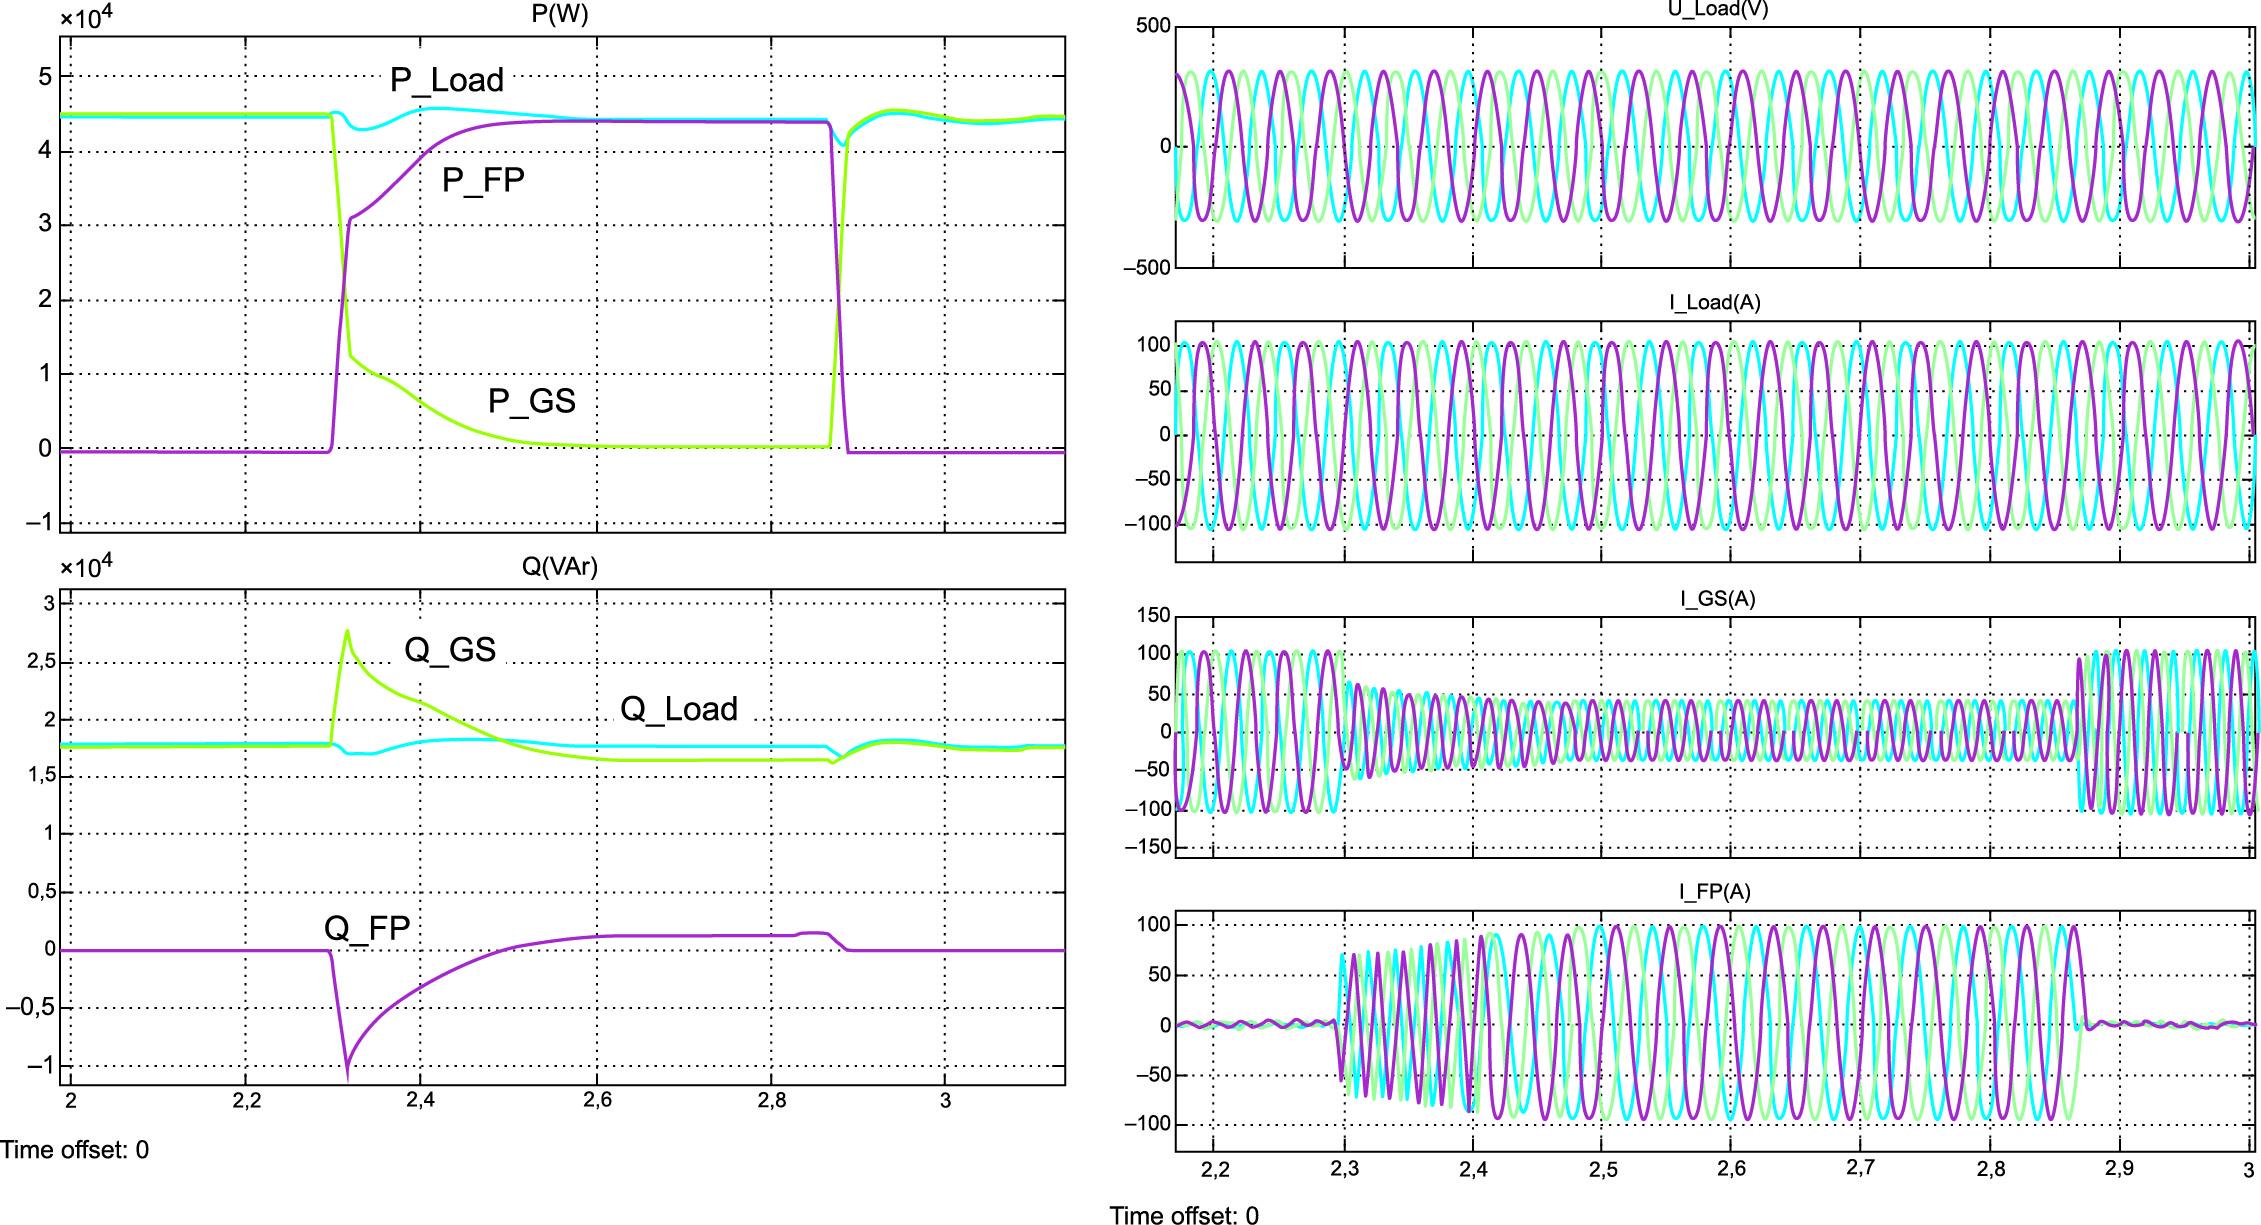 Энергетические и электромагнитные процессы в системе при переключении полной активной нагрузки между генераторами